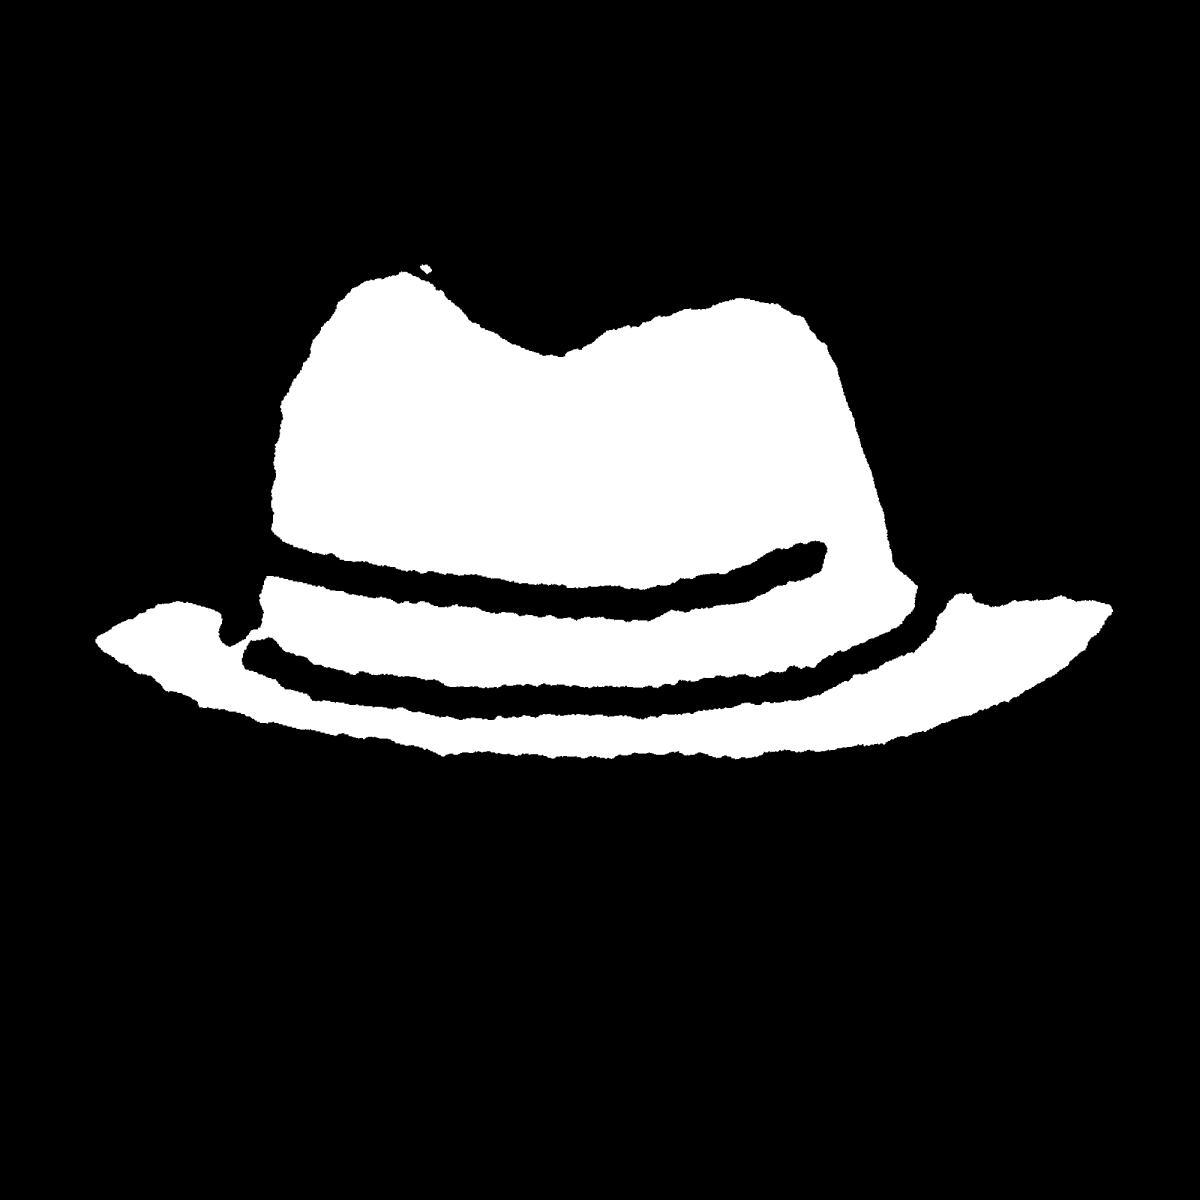 帽子(ハット)のイラスト / Hat (hat) Illustration